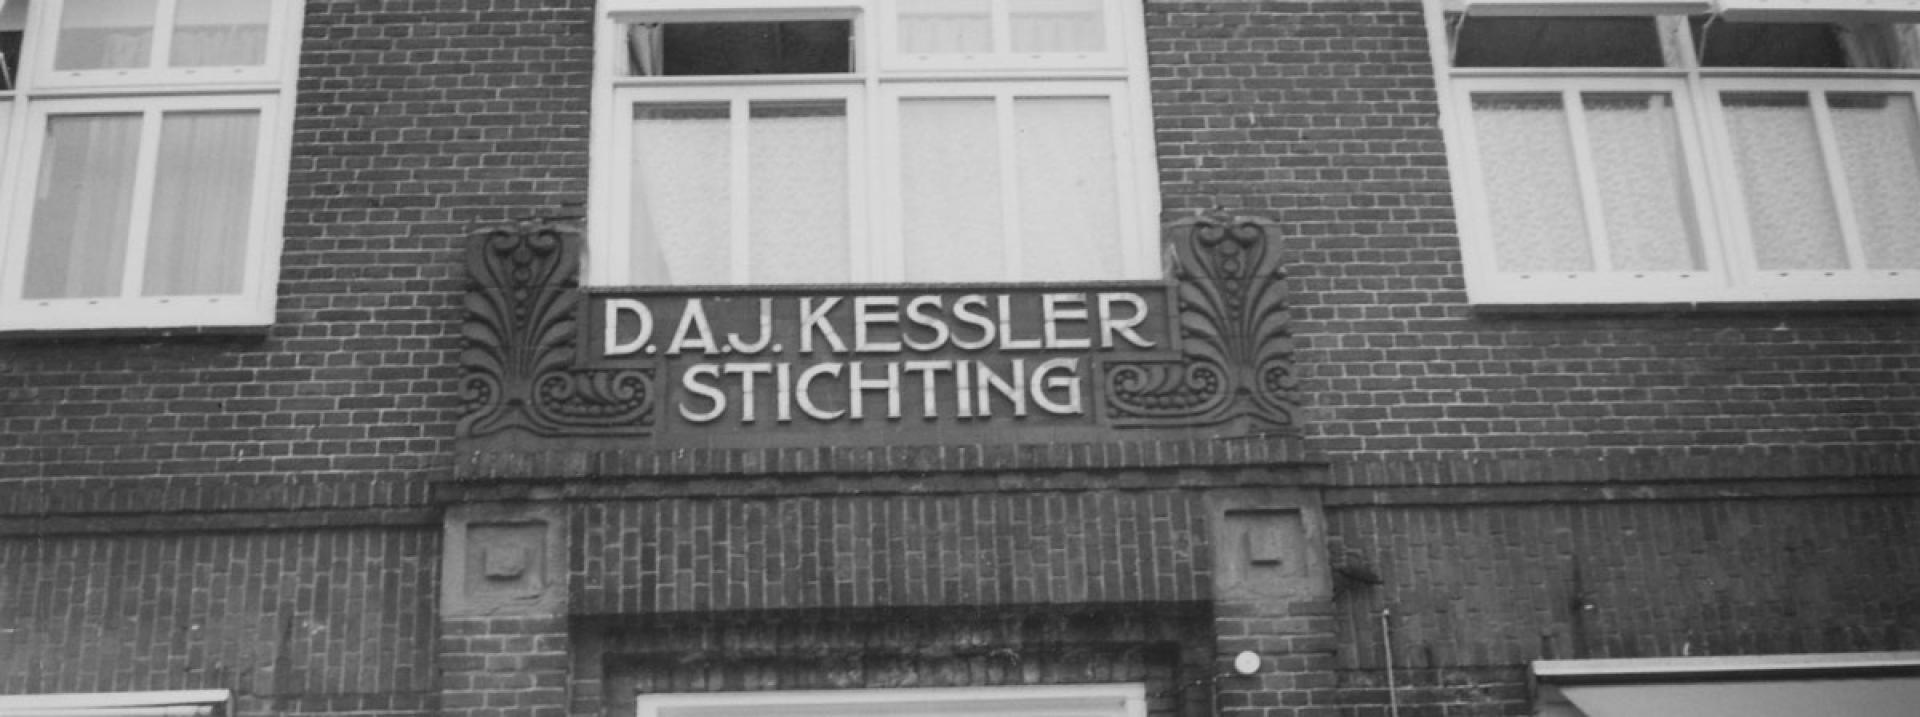 Kessler_DLR